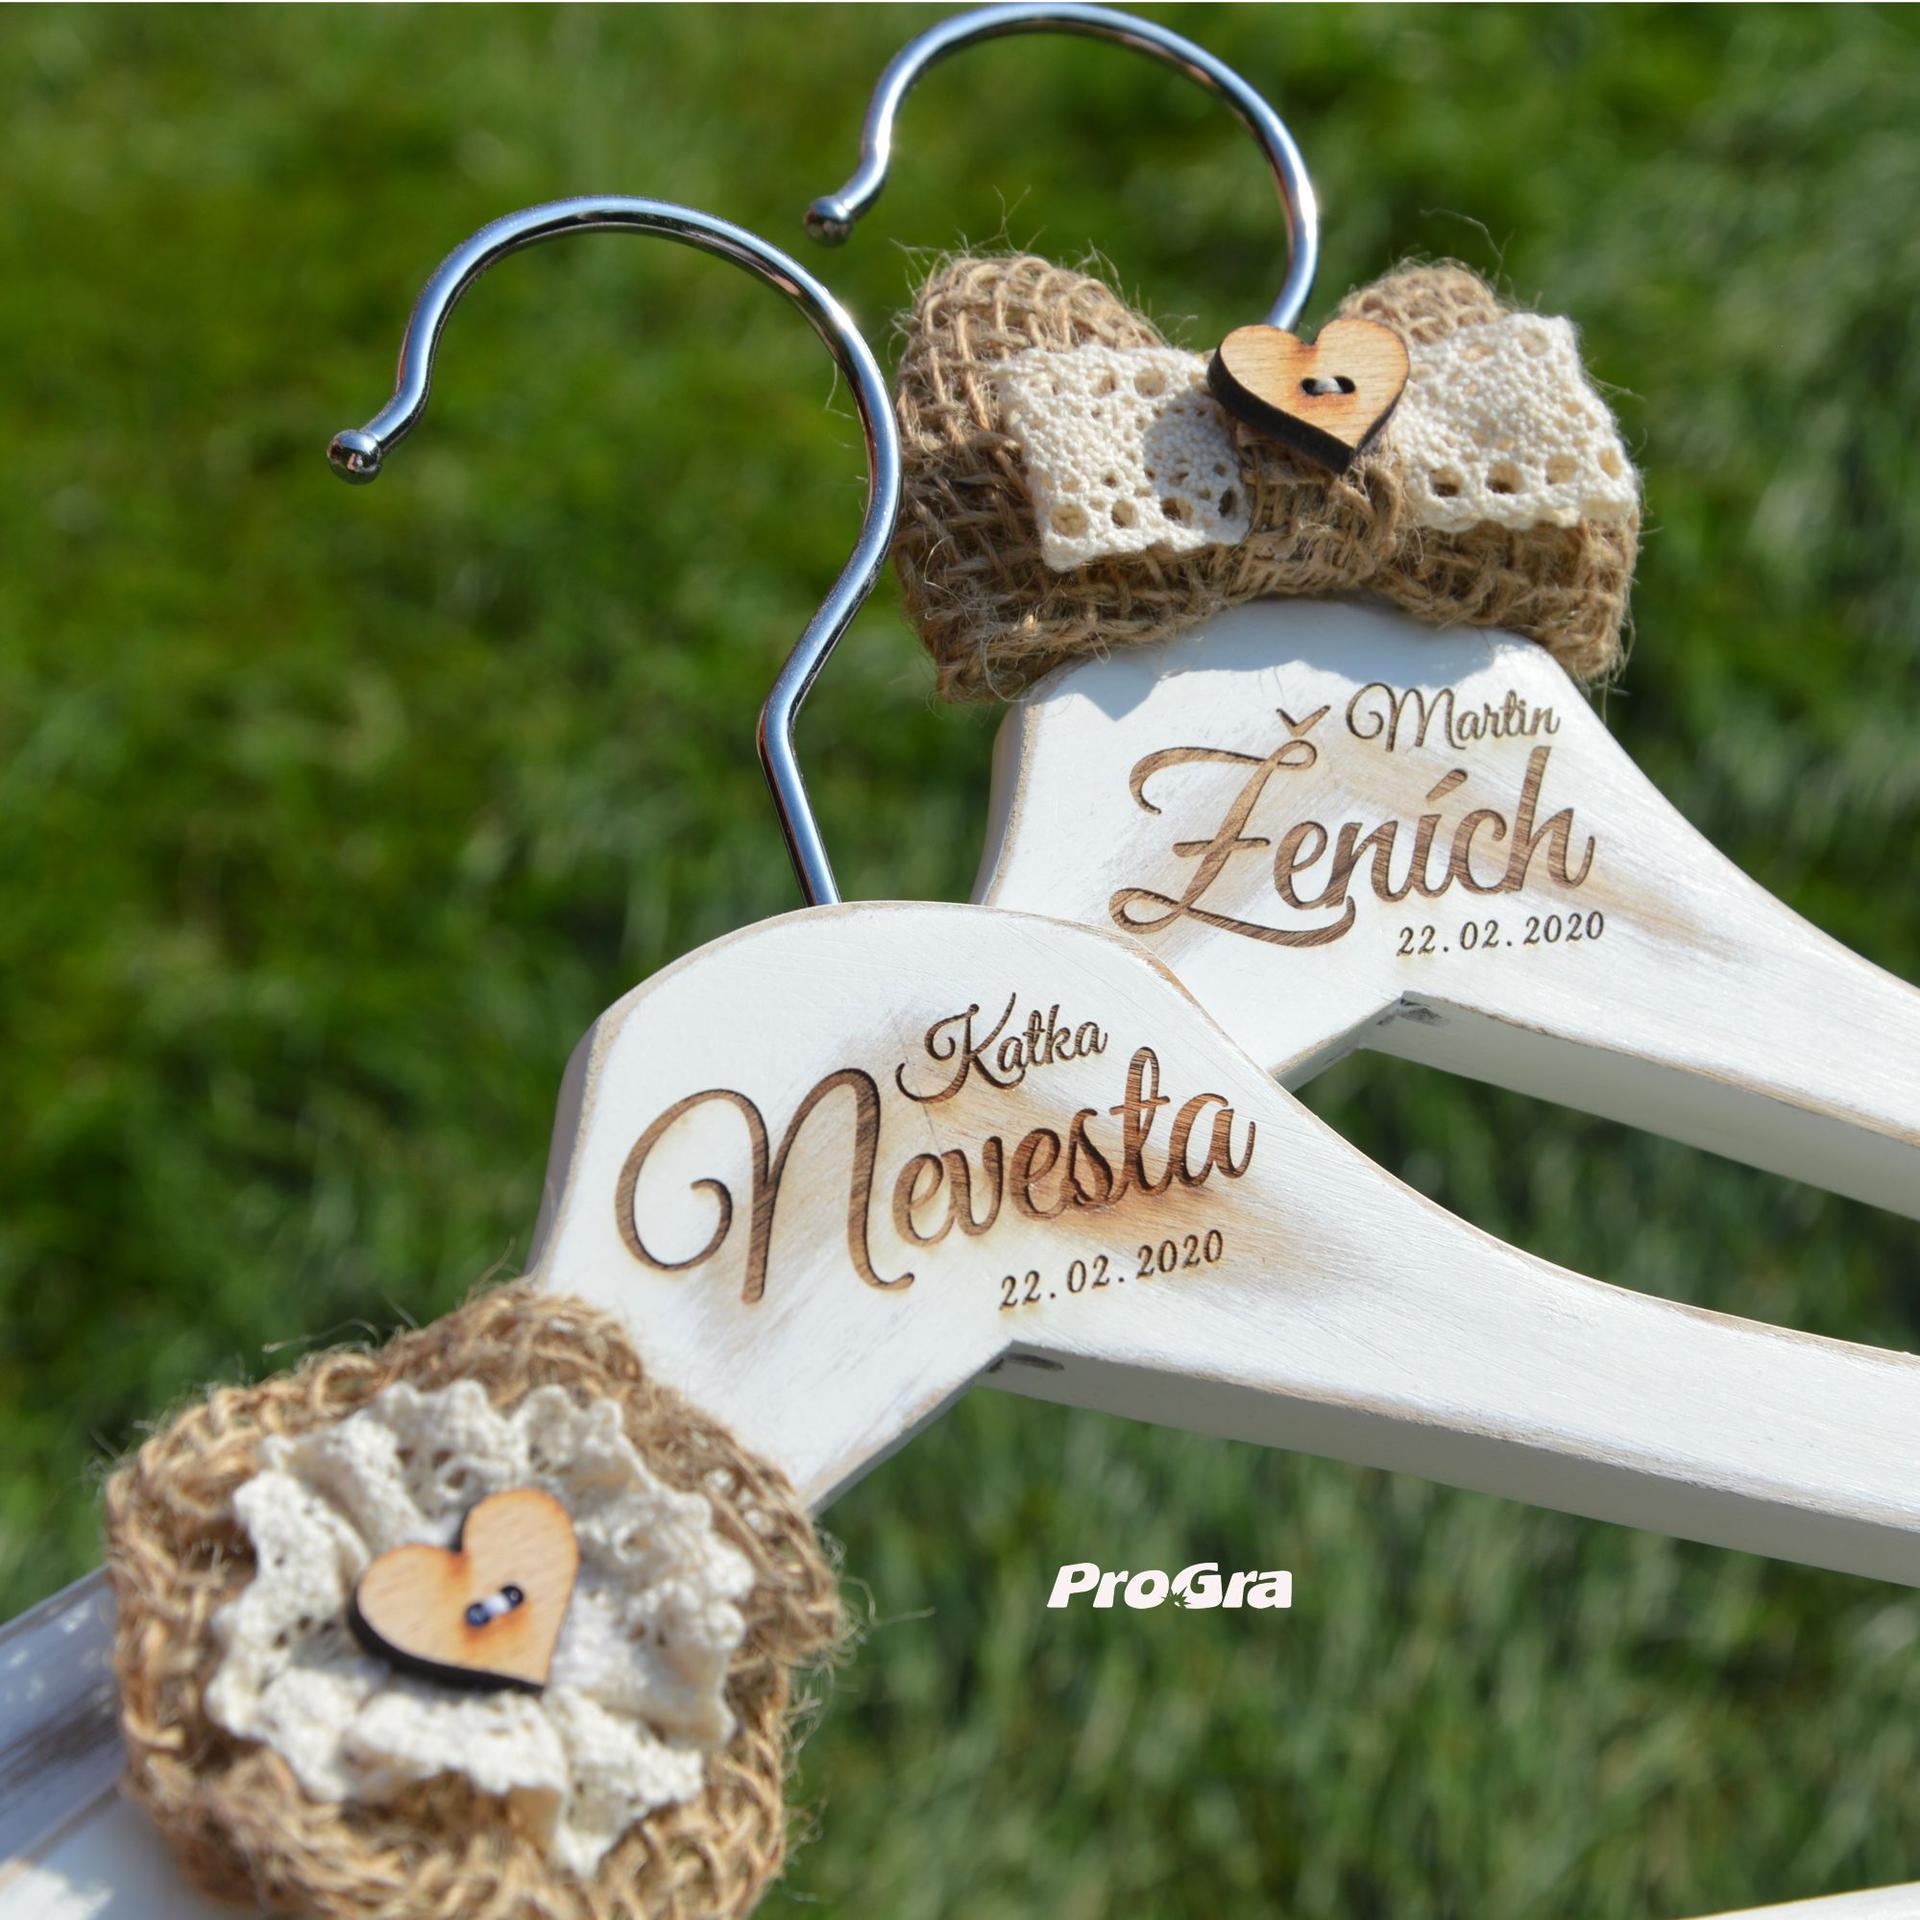 Detaily pre Váš svadobný deň - personalizovane gravírované svadobné vešiačiky so štýlovými ozdôbkami z juty - krásne pre svadbu ladenú do prírodného štýlu